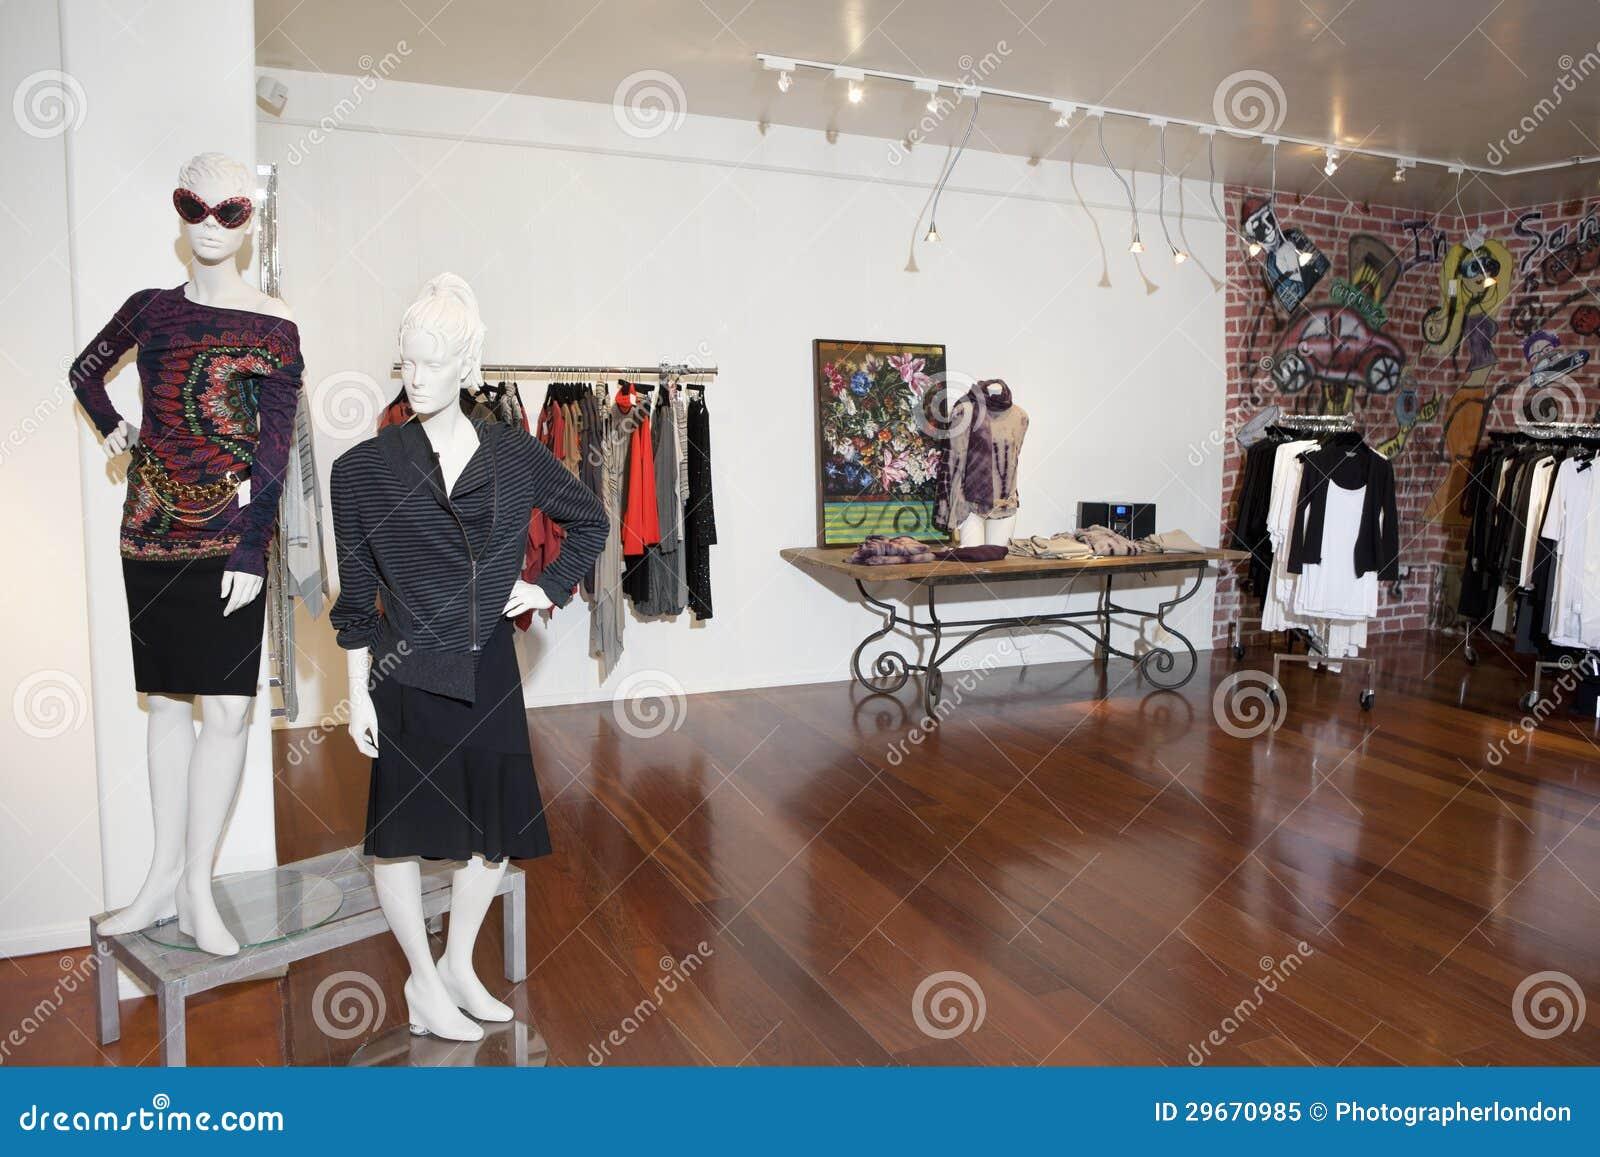 Εσωτερικό μιας μπουτίκ μόδας